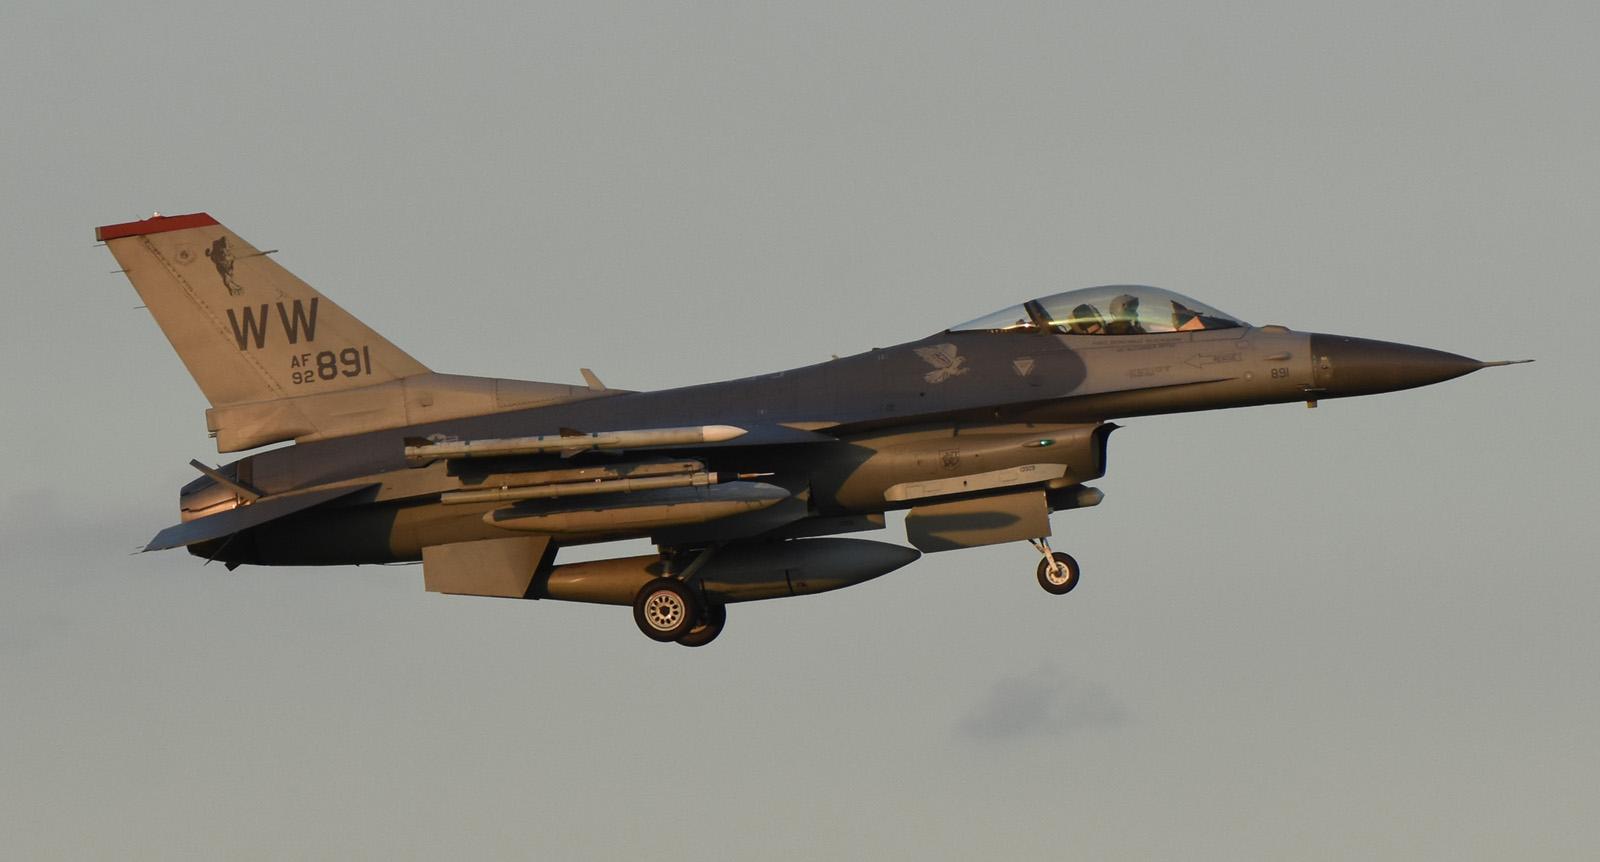 F16cm160730g058